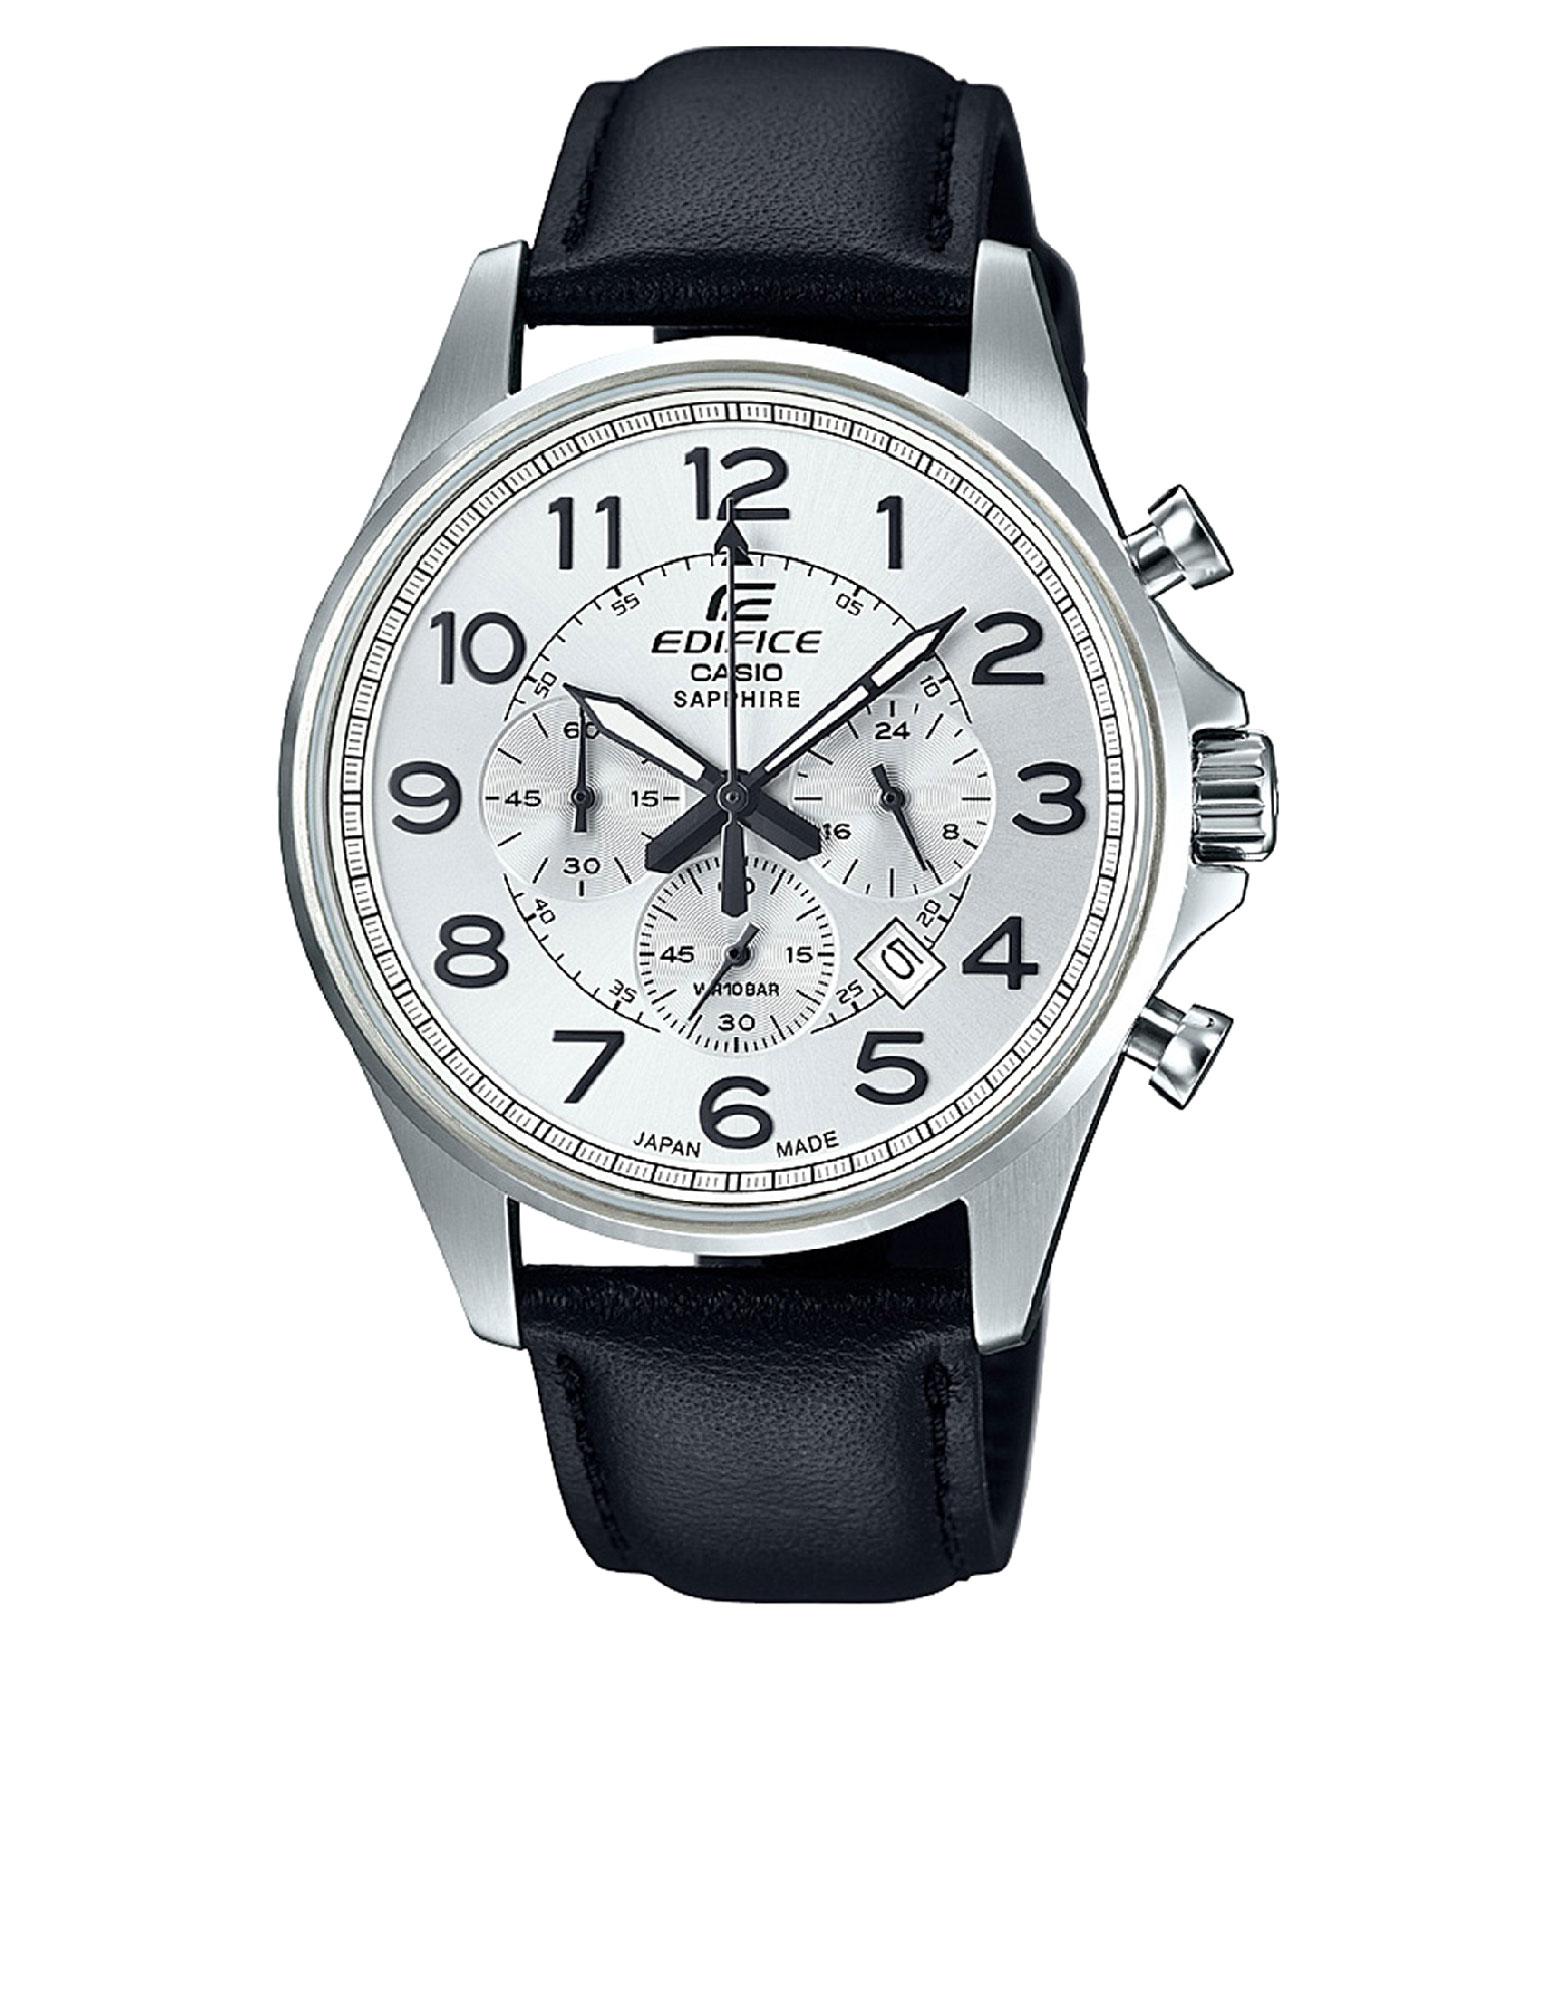 Casio EFB508JL-1A Edifice Watch